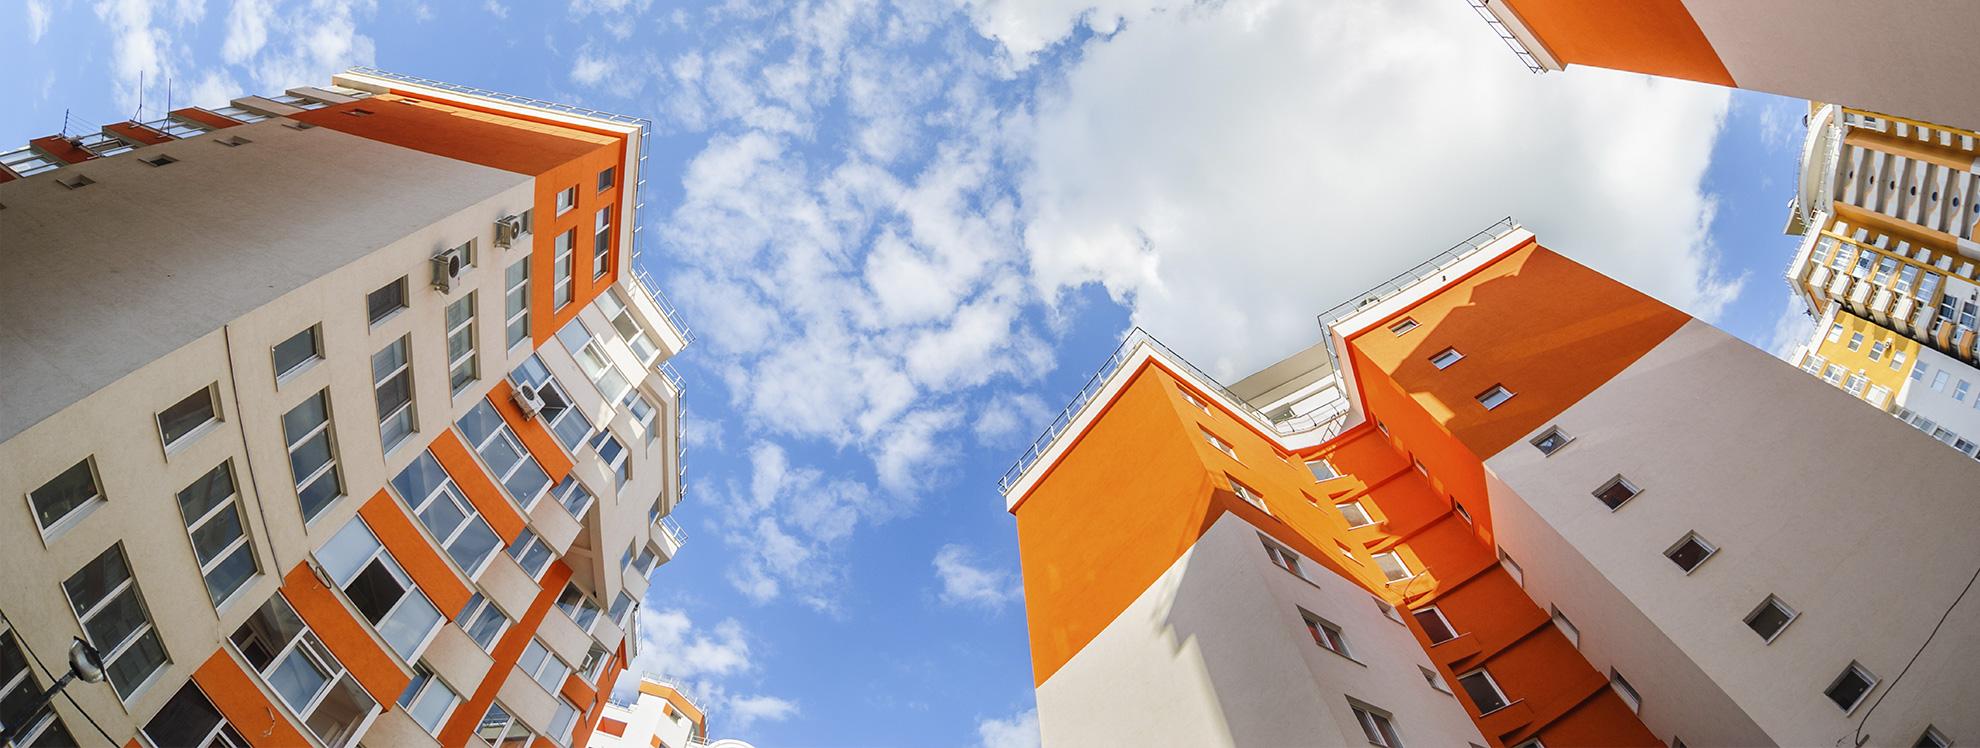 Банк ипотека коммерческая недвижимость самара Аренда офиса в Москве от собственника без посредников Газопровод улица